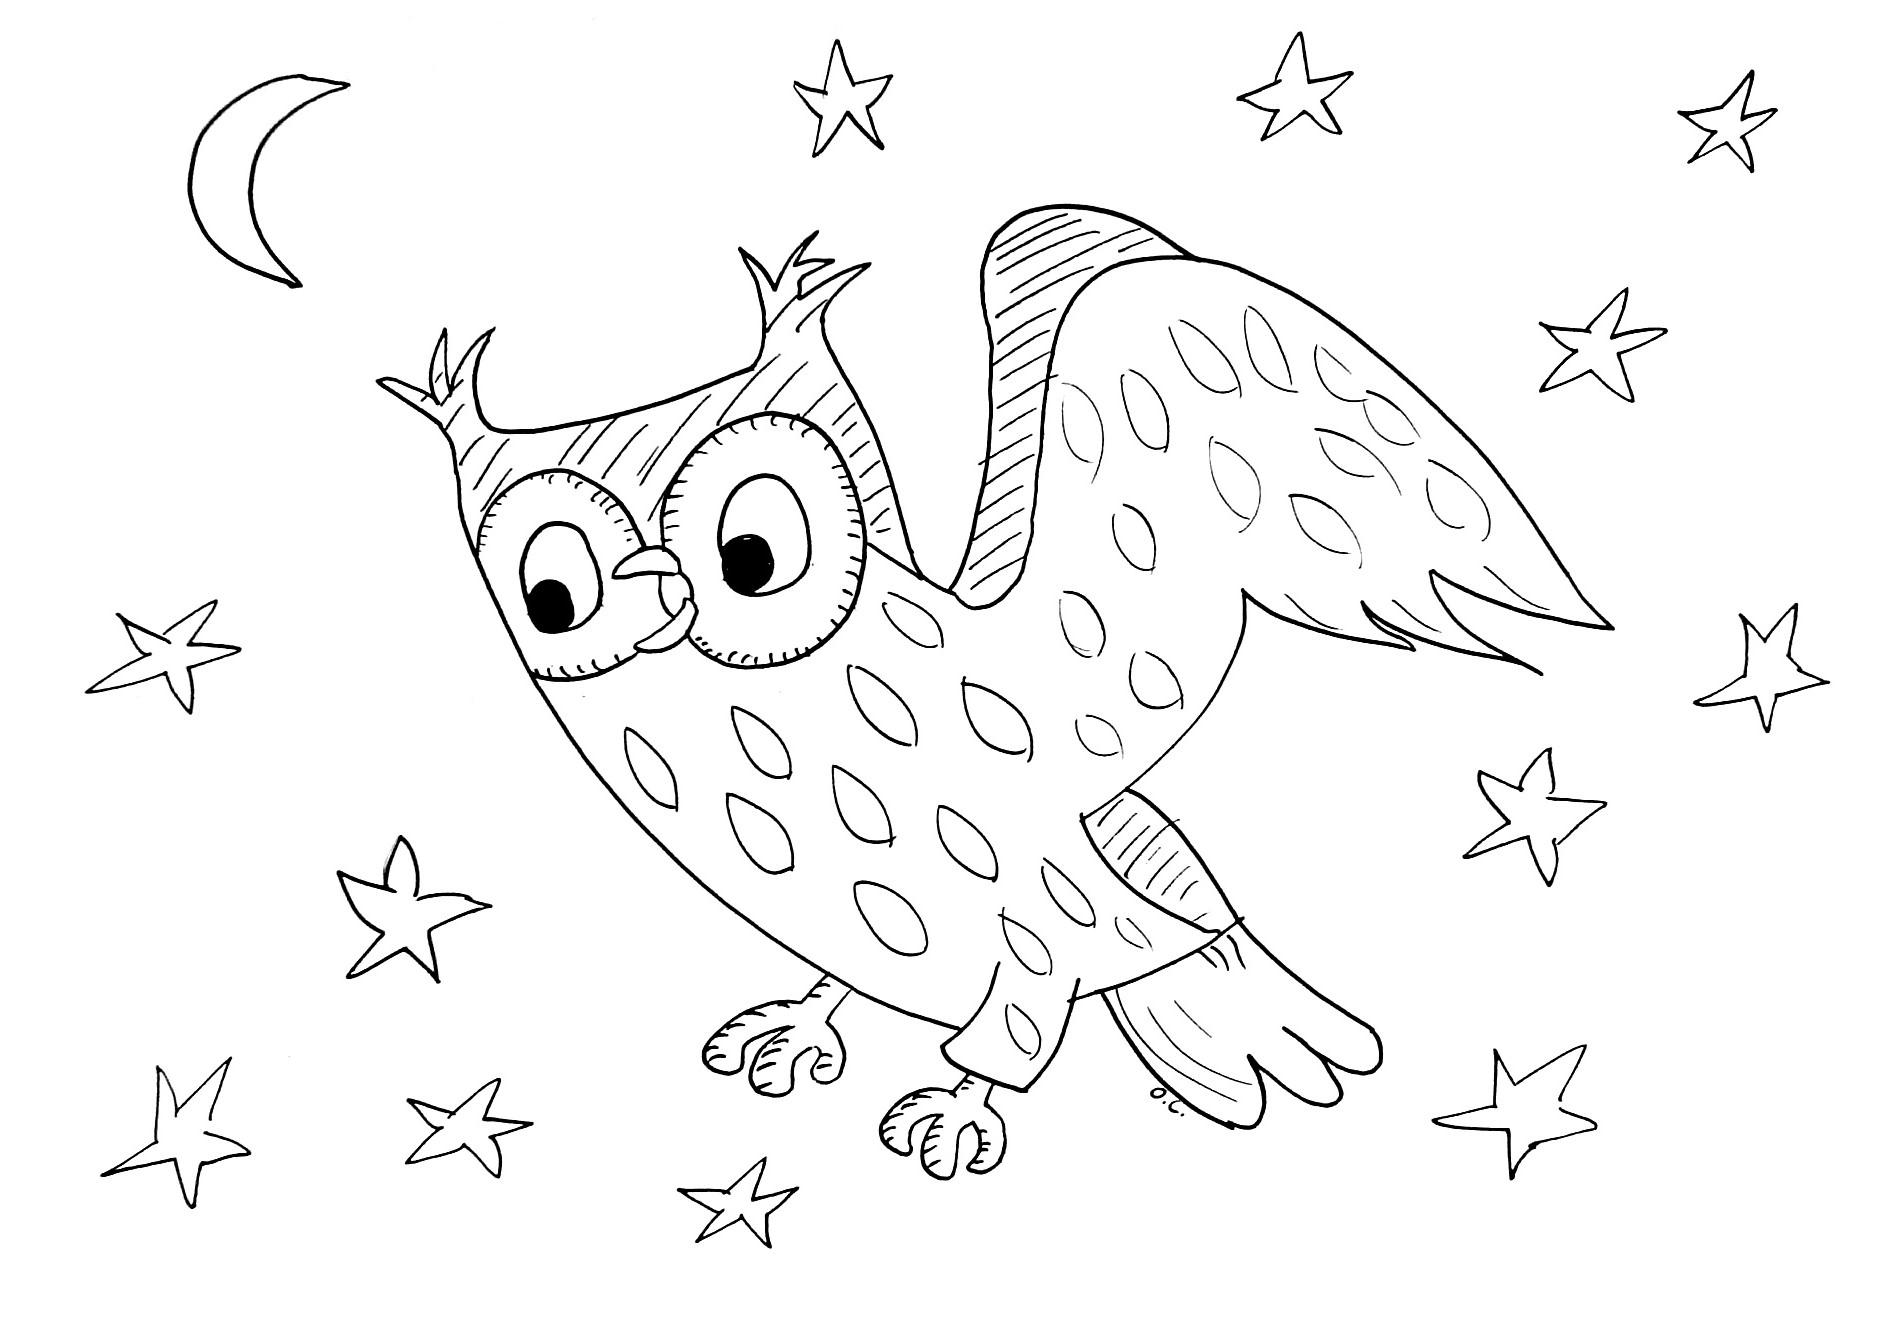 Hibou #61 (Animaux) – Coloriages À Imprimer destiné Hibou A Imprimer